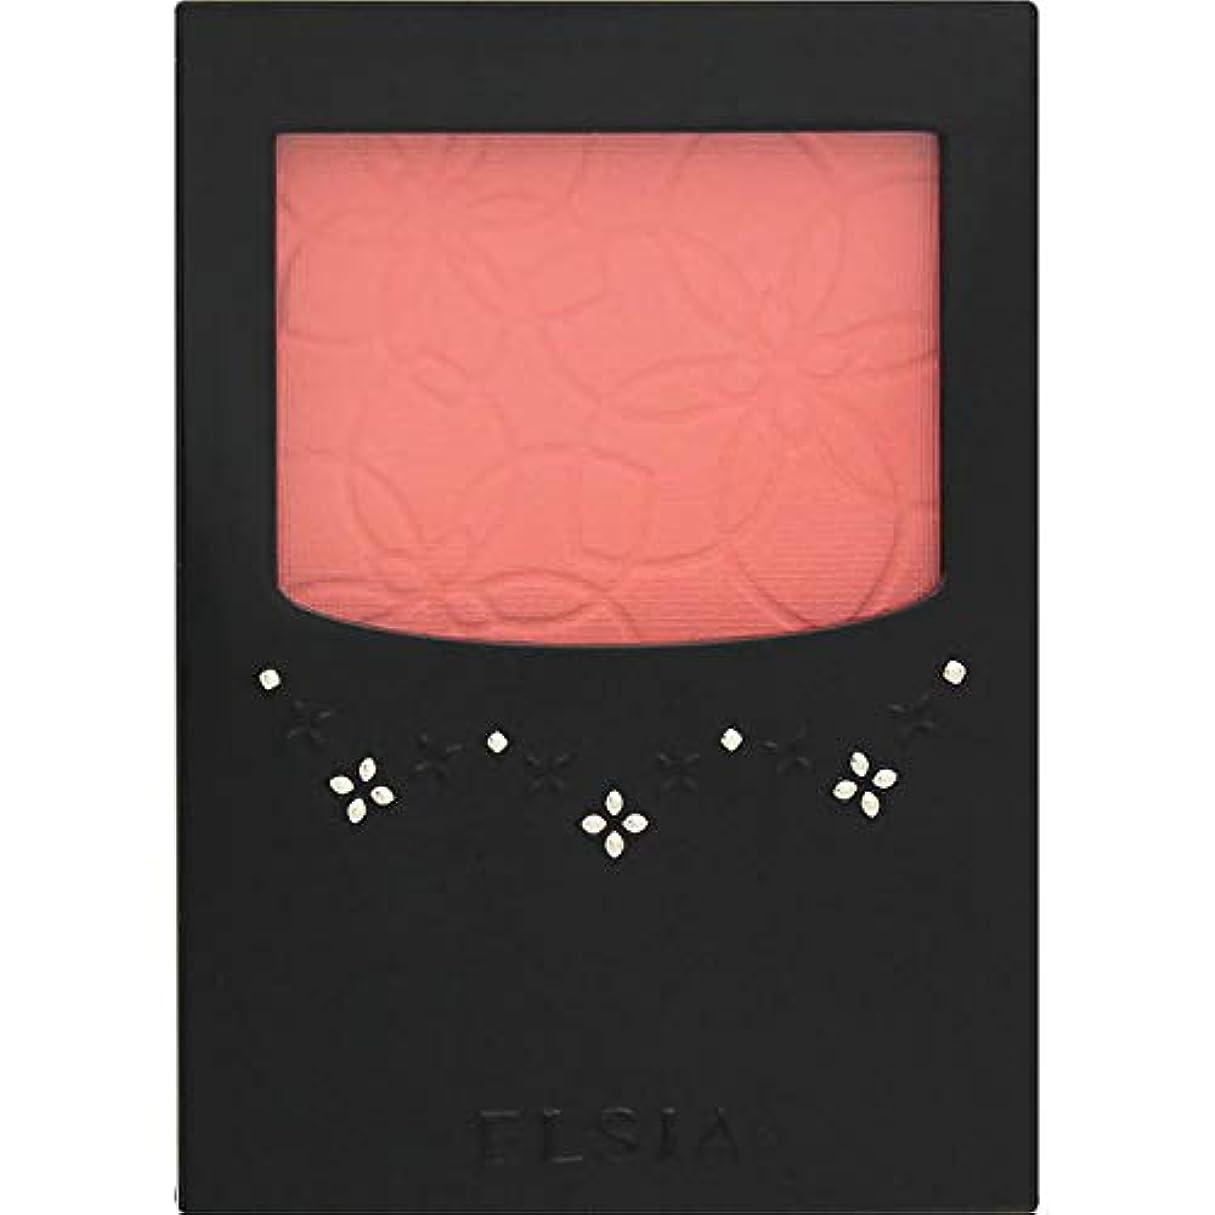 アフリカ人発疹化学者エルシア プラチナム 明るさ&血色アップ チークカラー ピンク系 PK800 3.5g